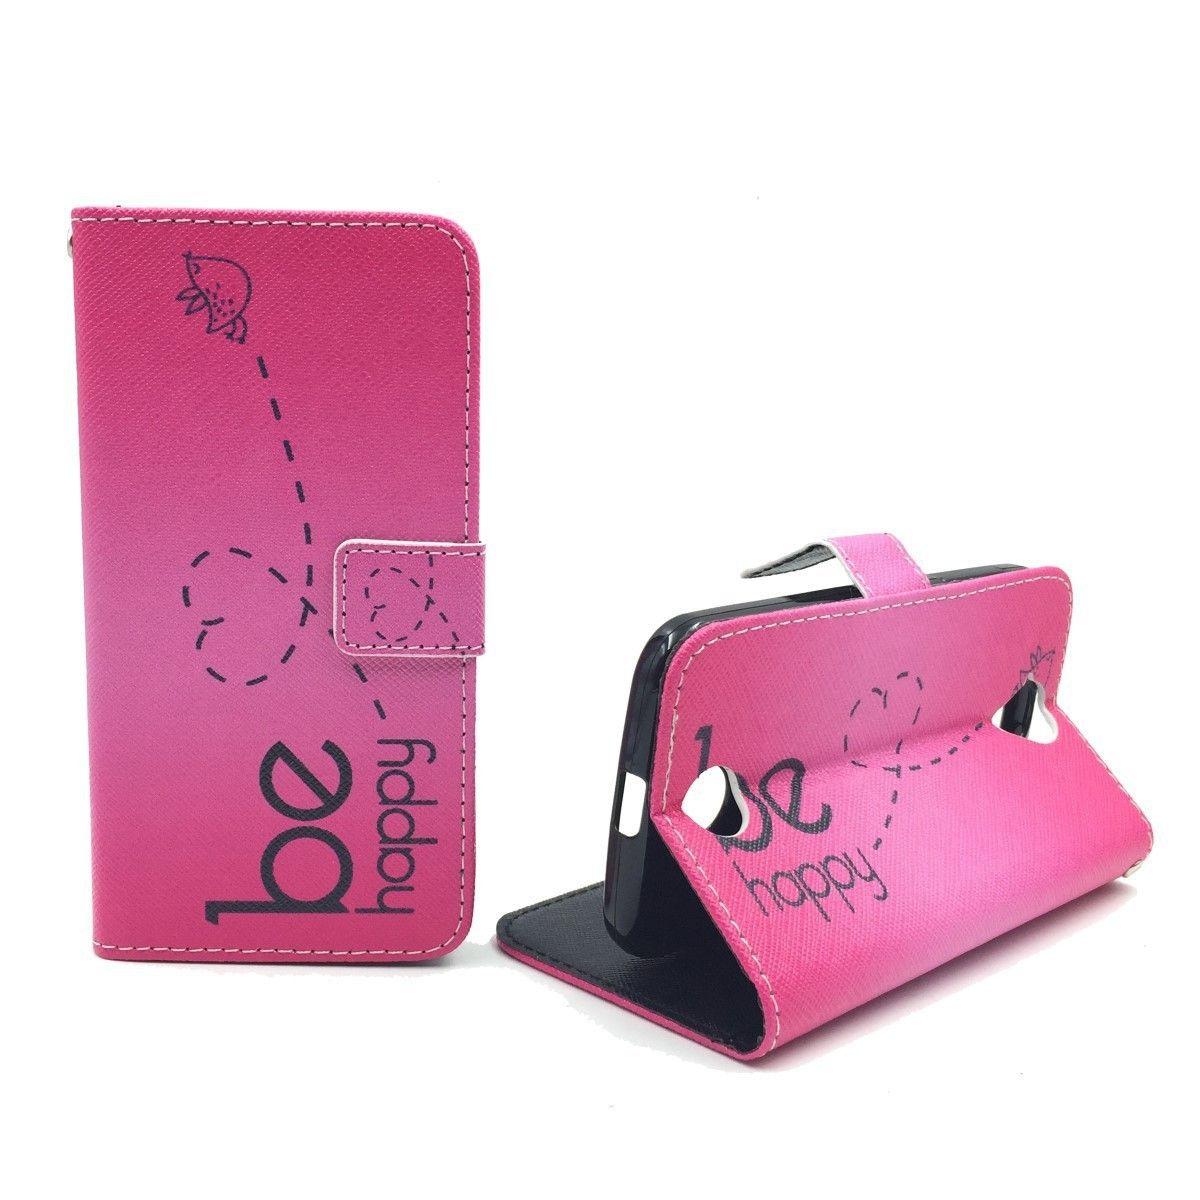 Handyhülle Tasche für Handy Apple iPhone SE Be Happy Pink